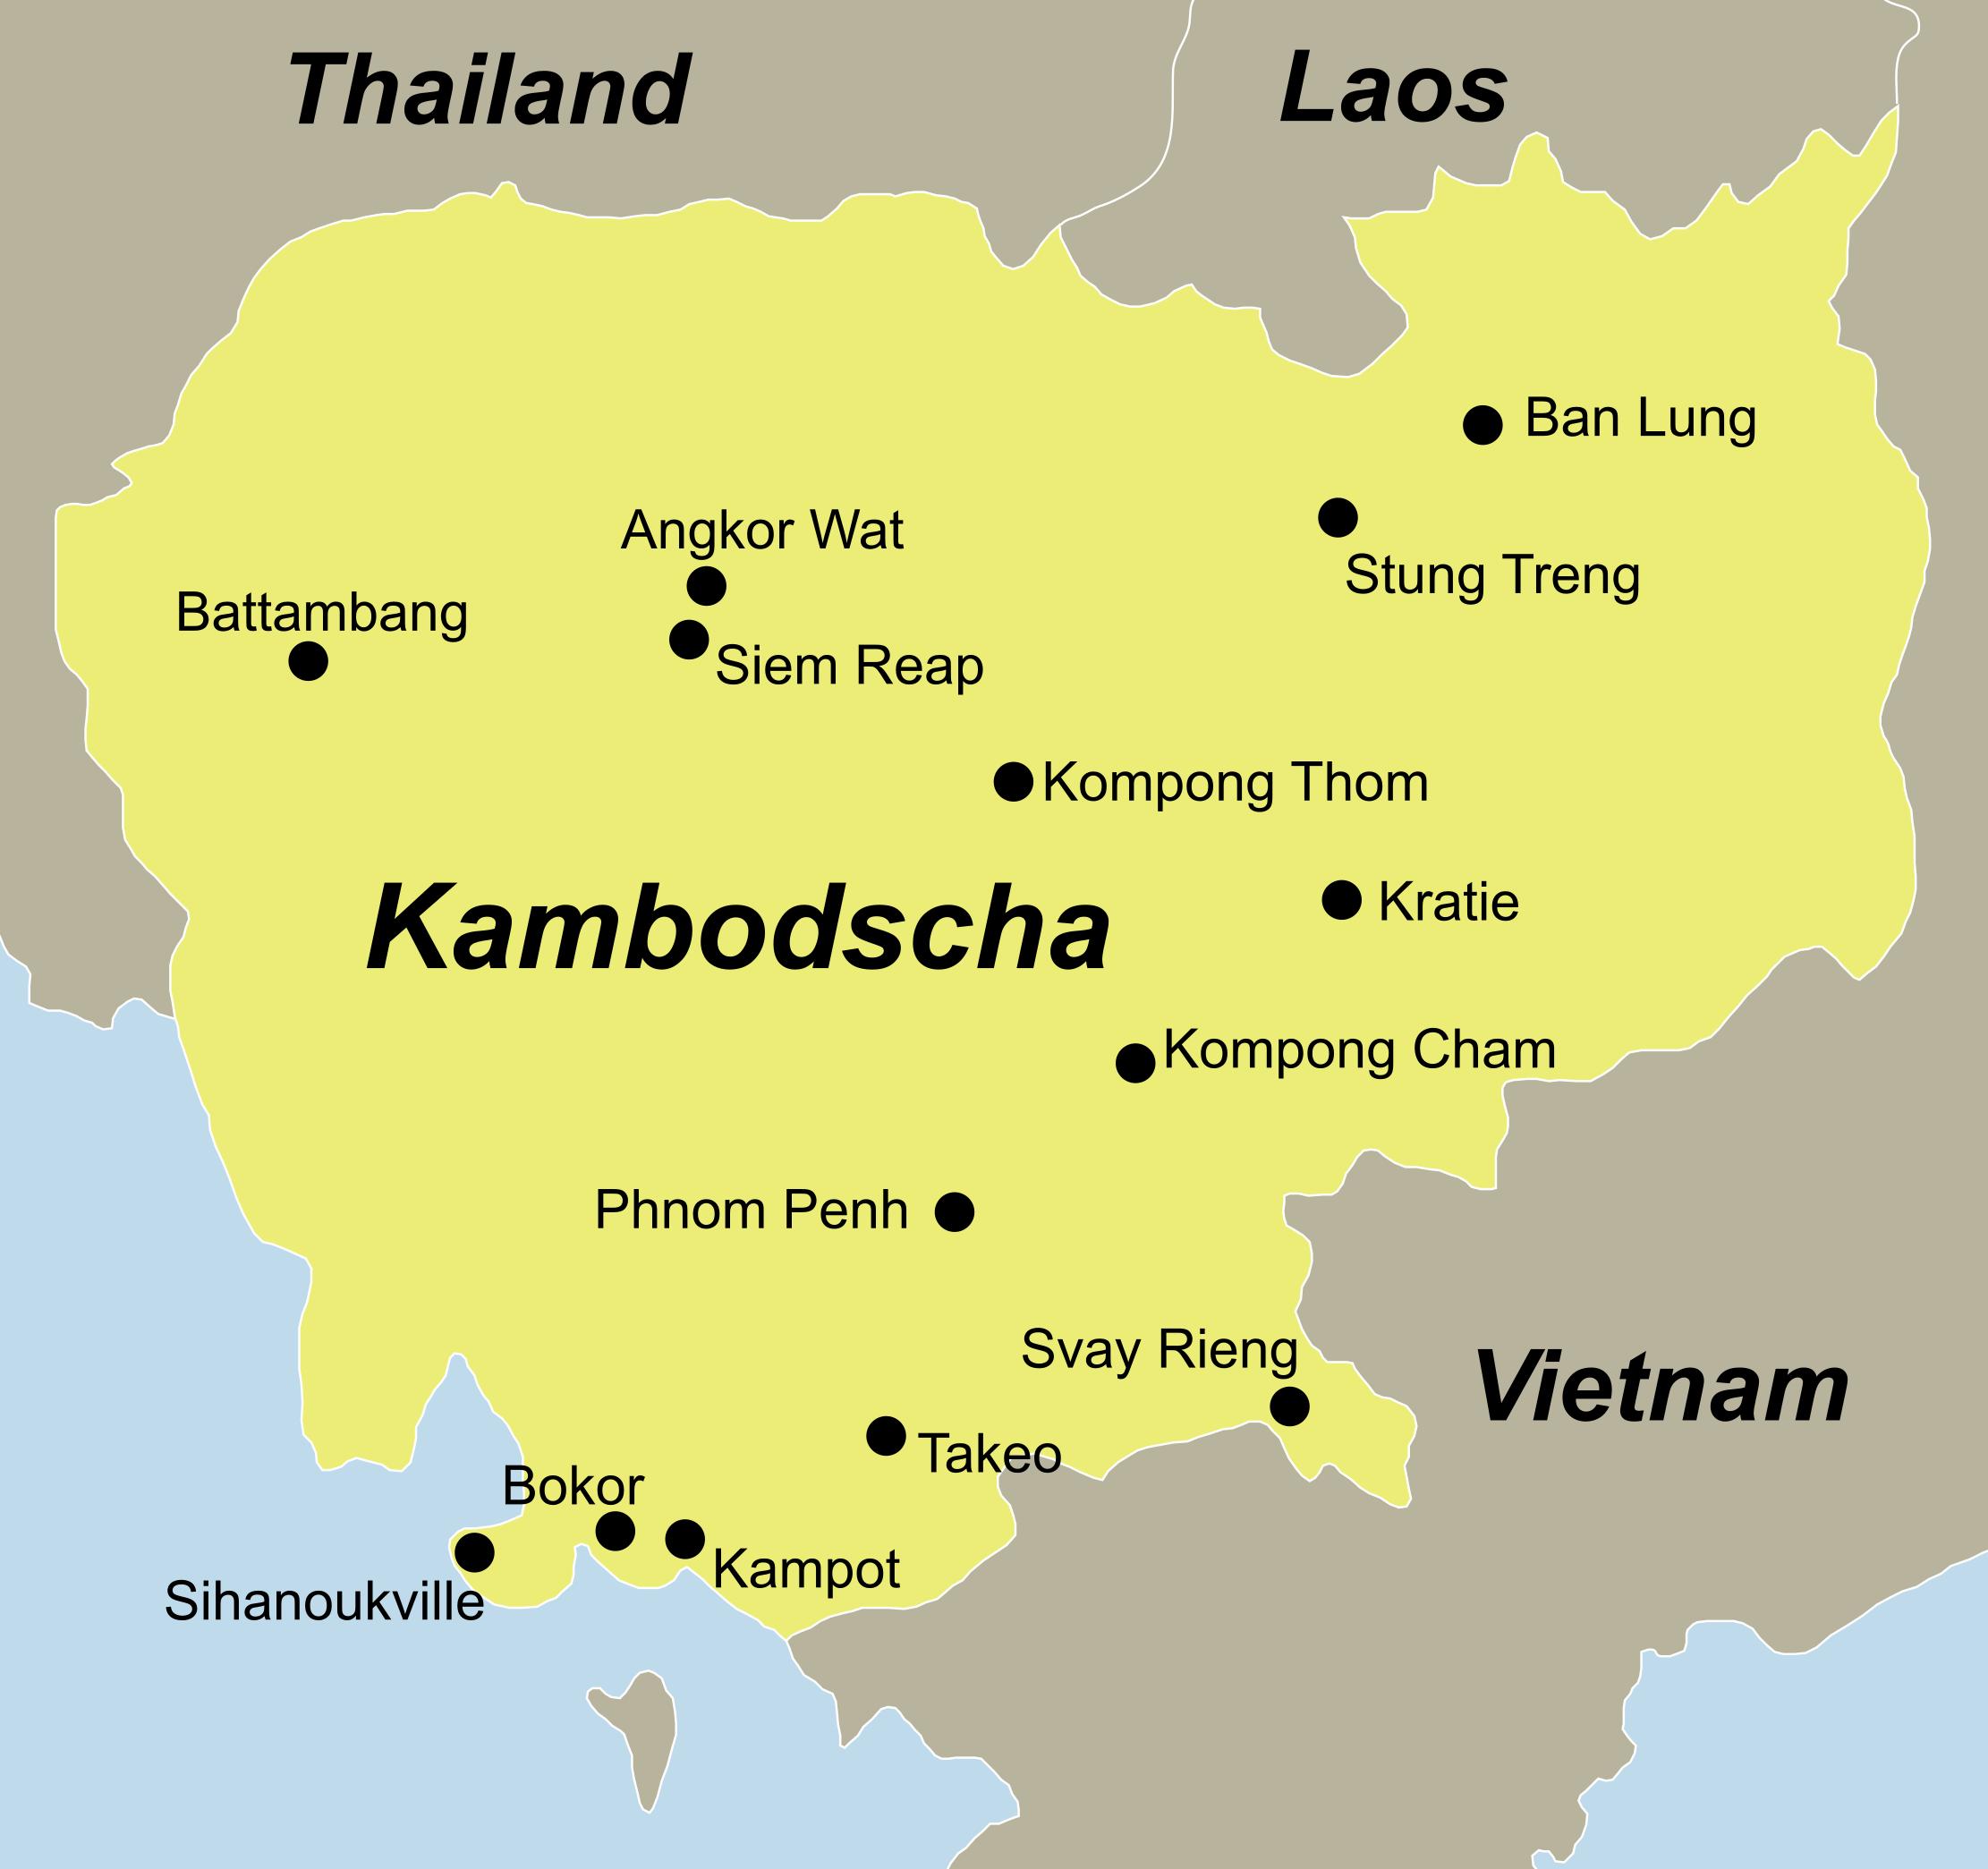 Kambodscha Traumurlaub anspruchsvoll mit dem Reiseveranstalter reisefieber planen und reisen.